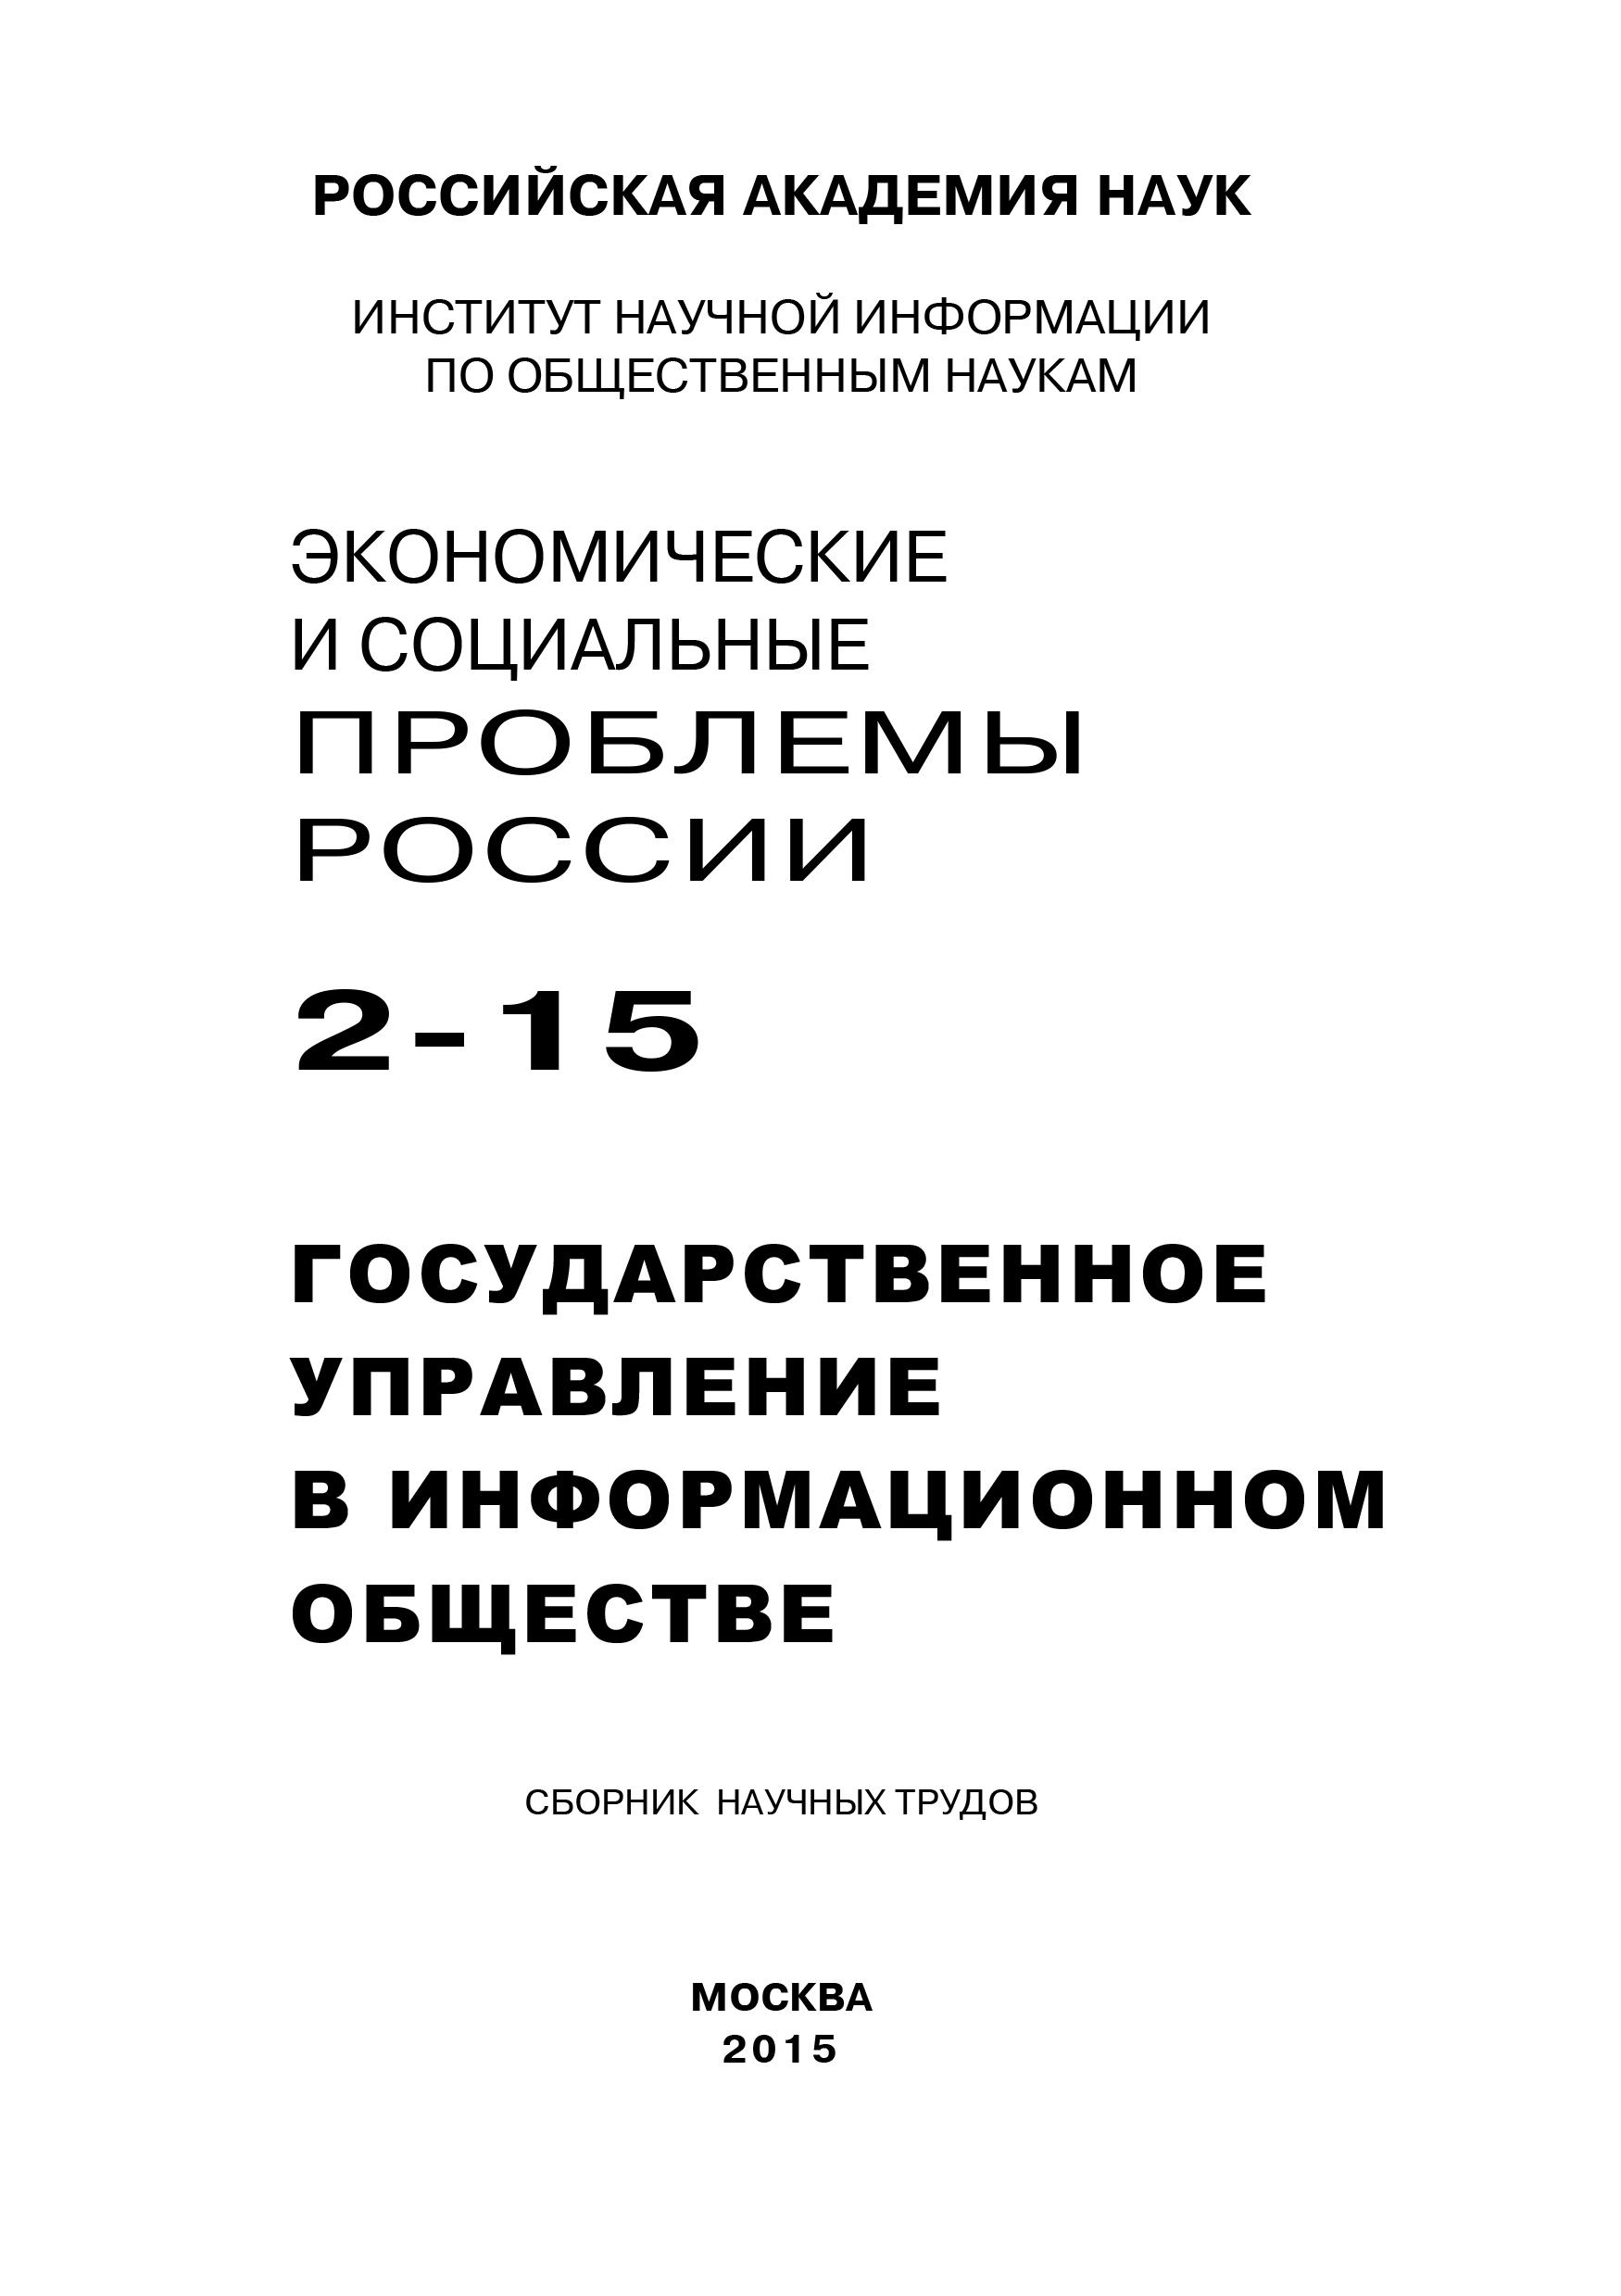 Коллектив авторов Экономические и социальные проблемы России №2 / 2015